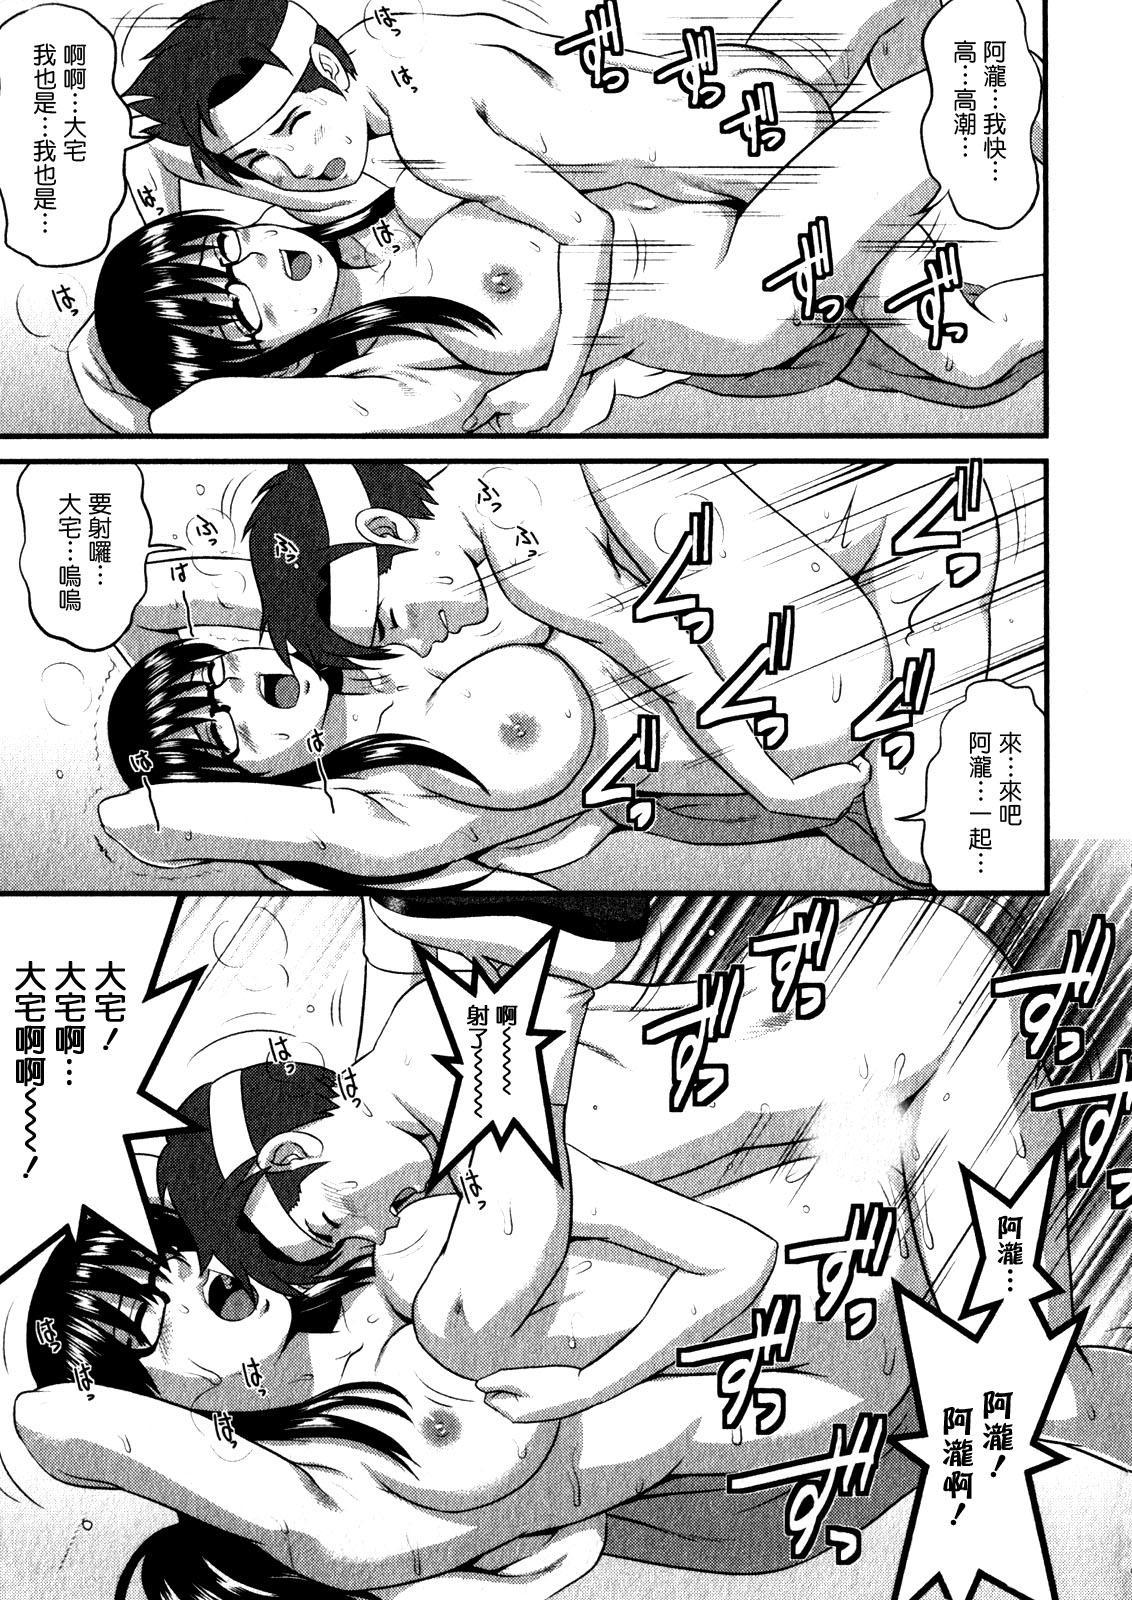 Otaku no Megami-san 1 162